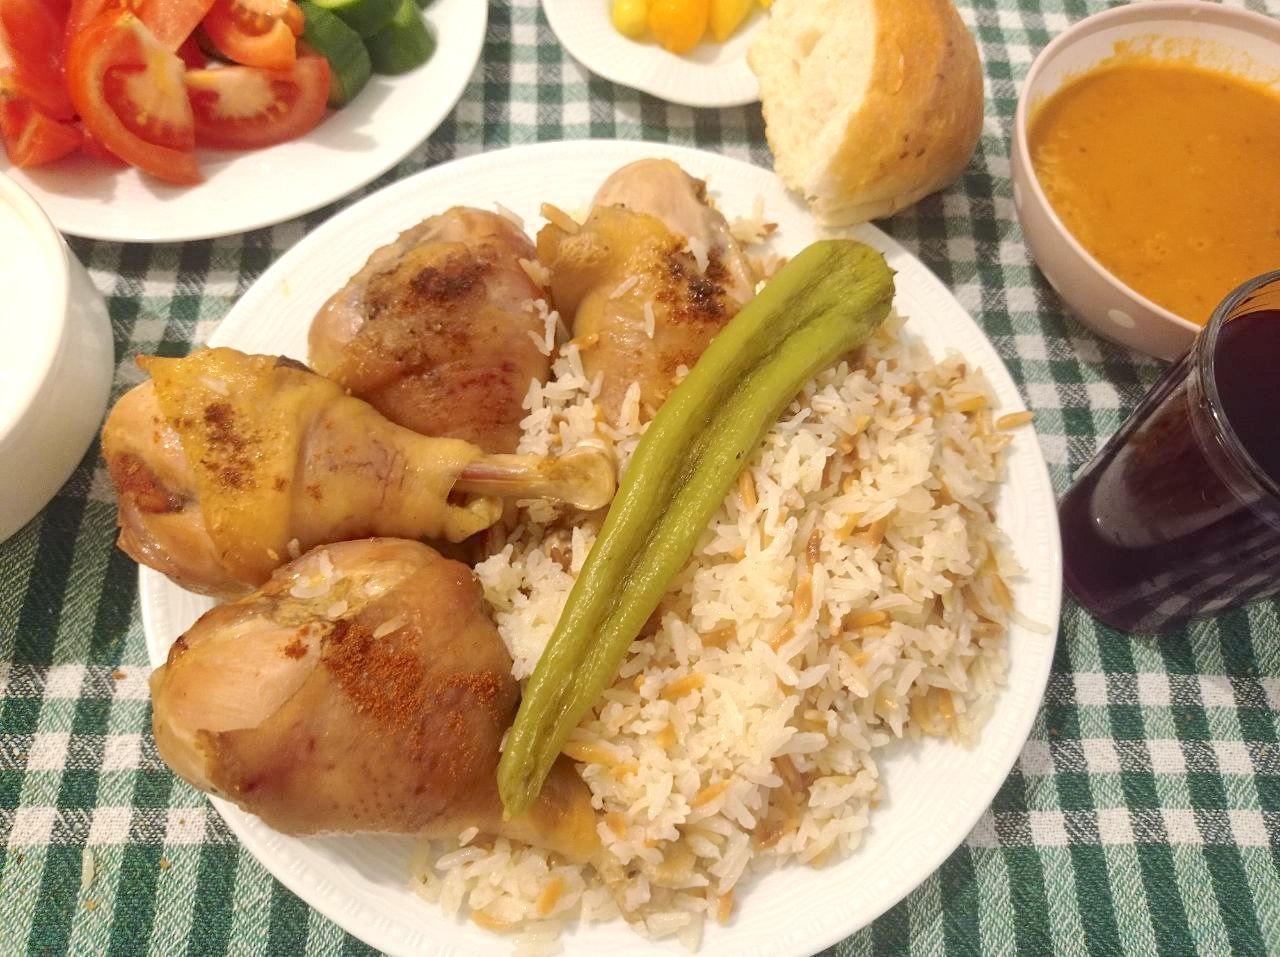 Huhn mit türkischem Reis im Ofen: echte türkische Hausmannskost